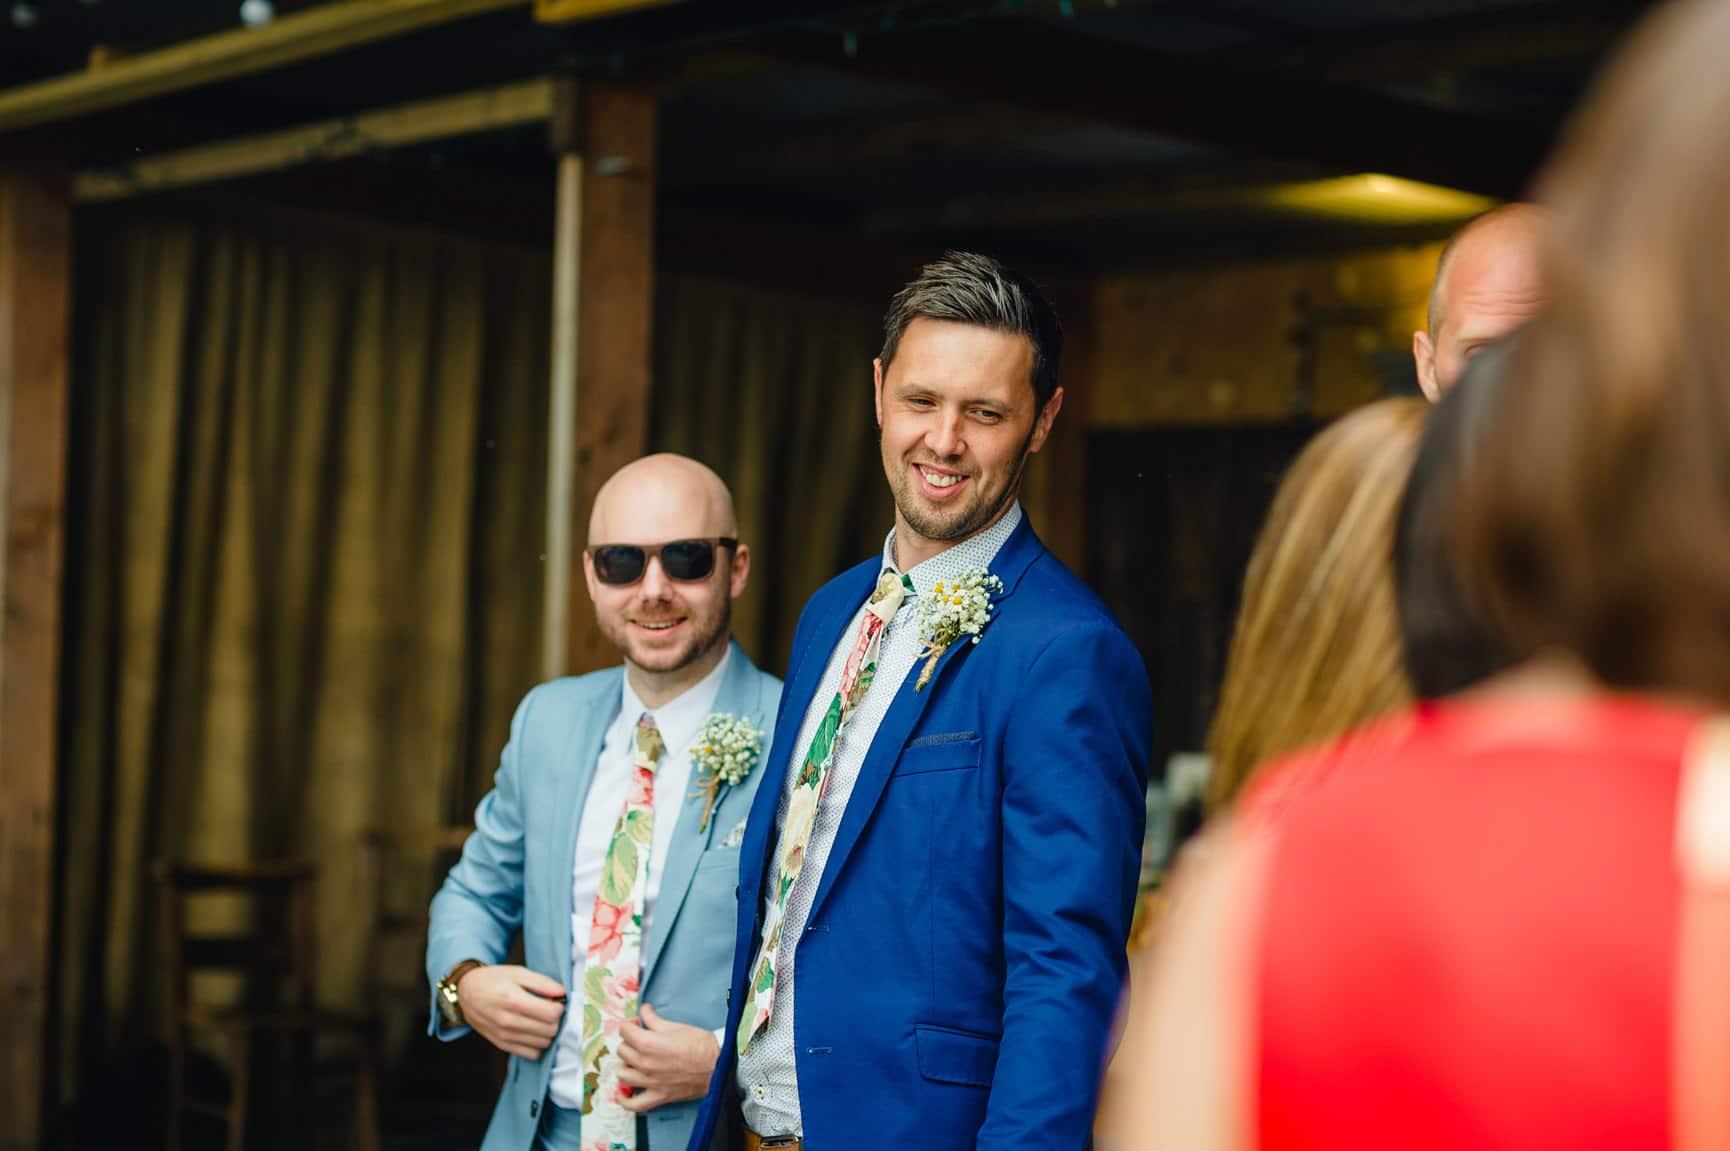 Fforest Wedding, Cardigan, Wales - Lauren and Gareth 77